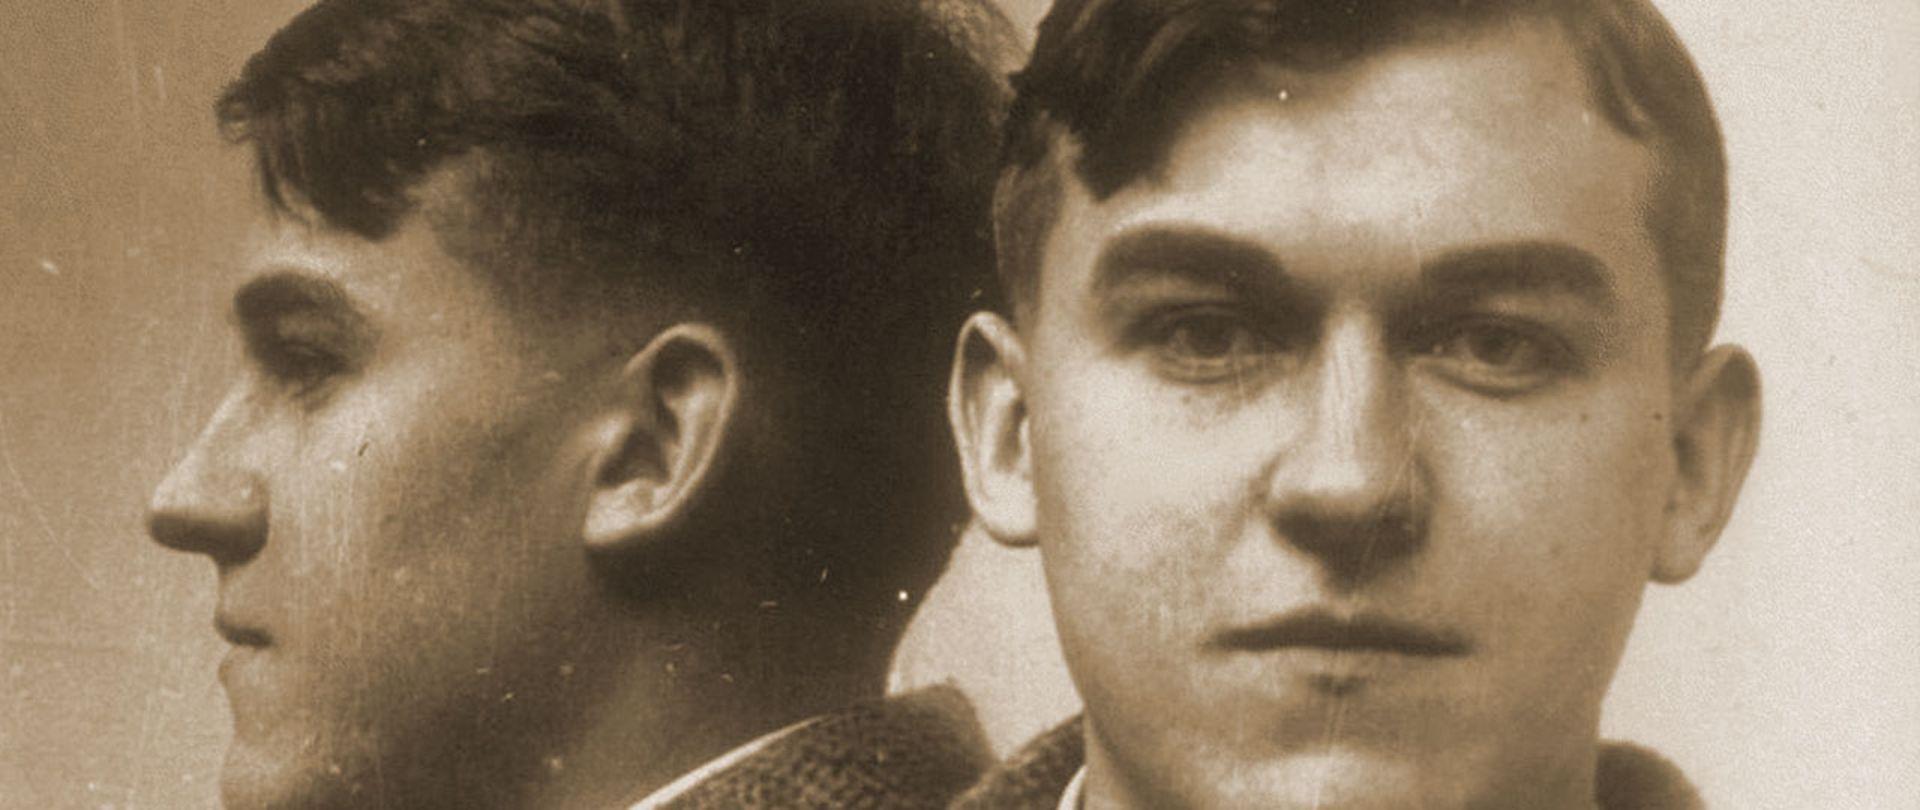 La verità sul film The Changeling: il caso di Russell Hunter